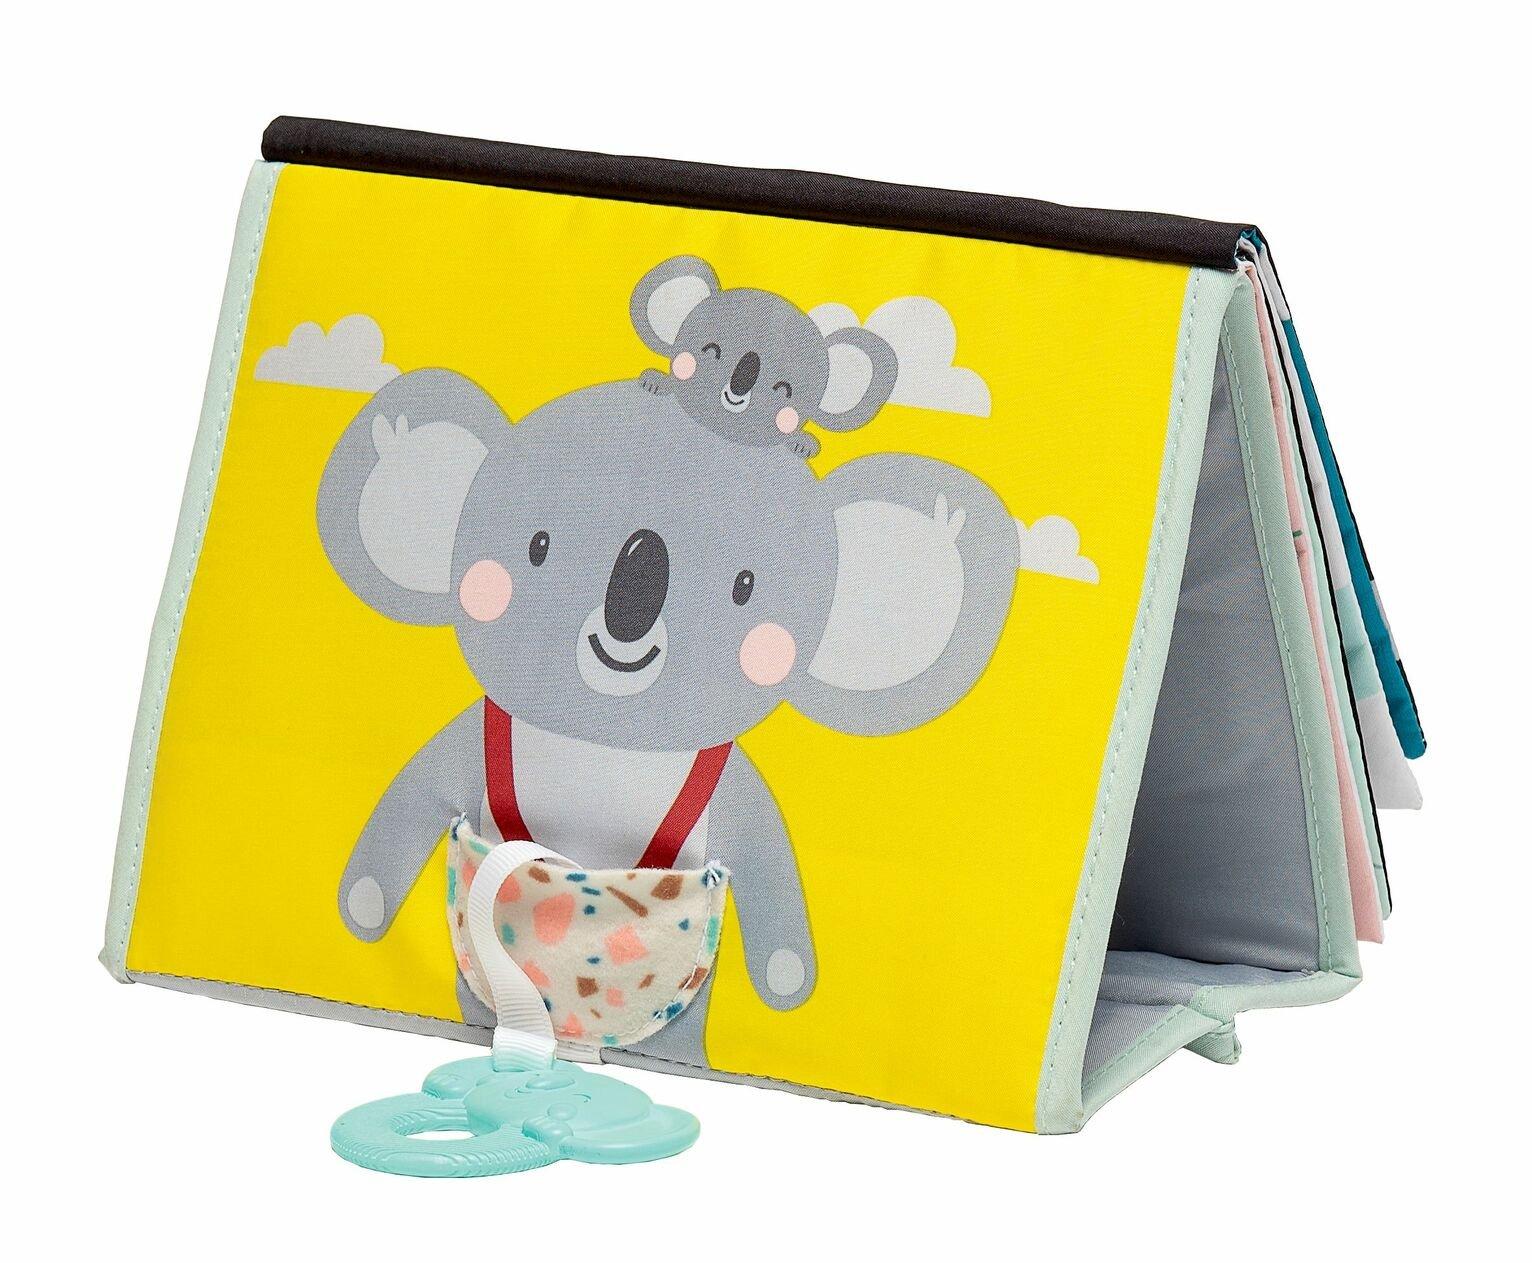 Taf Toys Koala Tummy Time Book